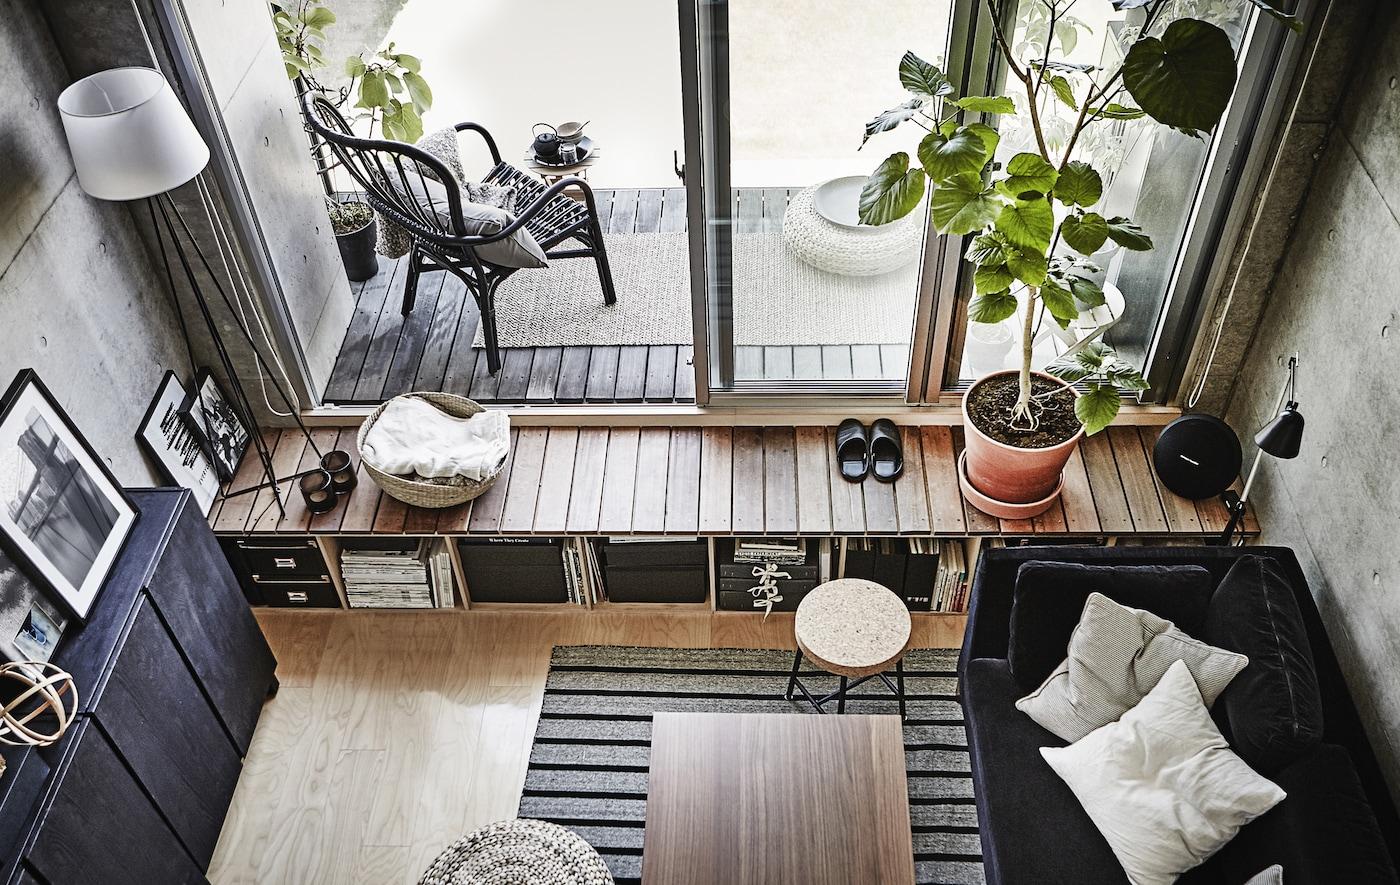 Pienen asunnon sisustaminen -Sisustusideat pieneen asuntoon